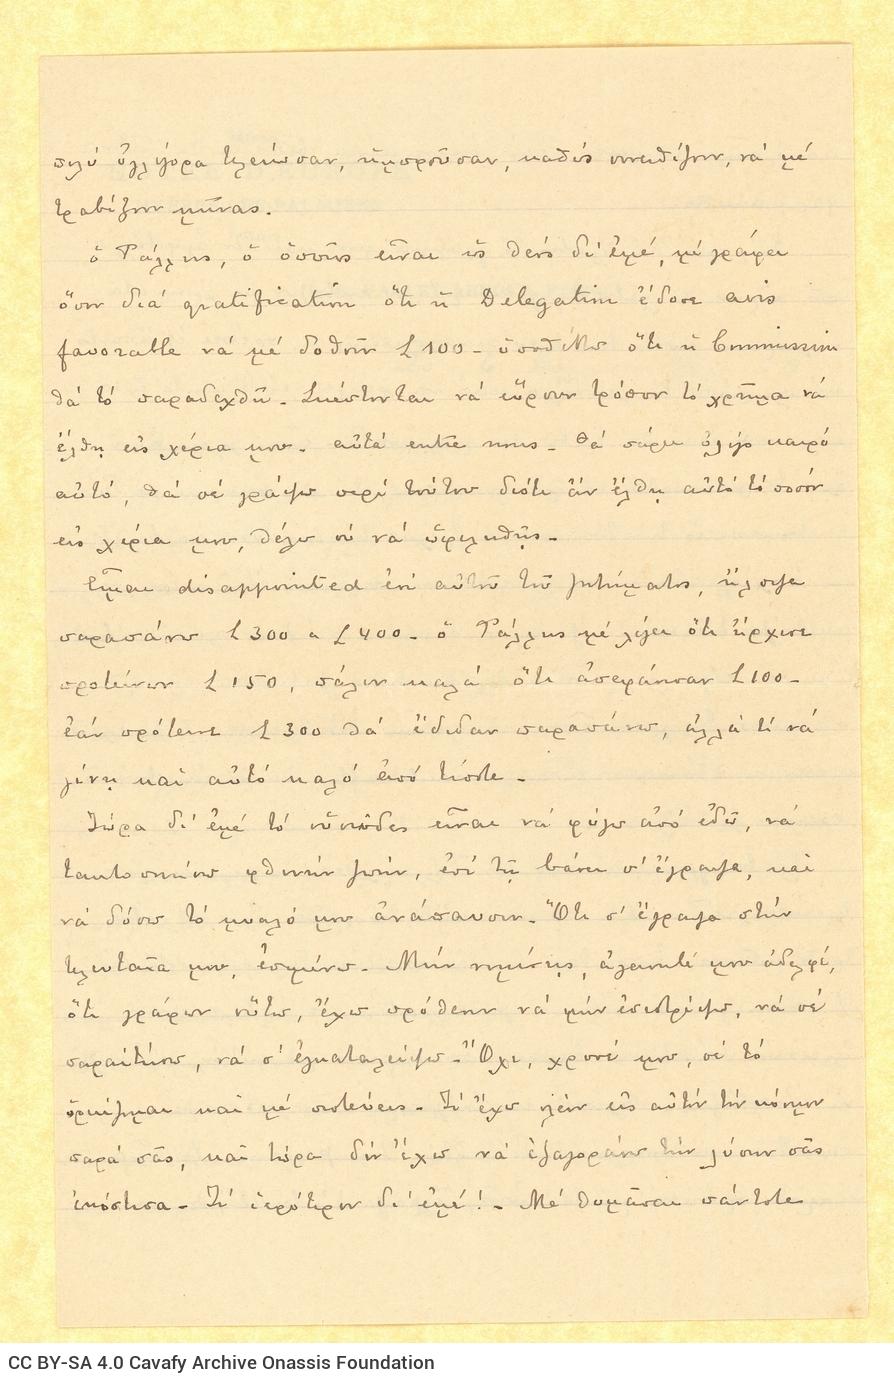 Χειρόγραφη επιστολή ημερολογιακού χαρακτήρα του Παύλου Καβάφη προς